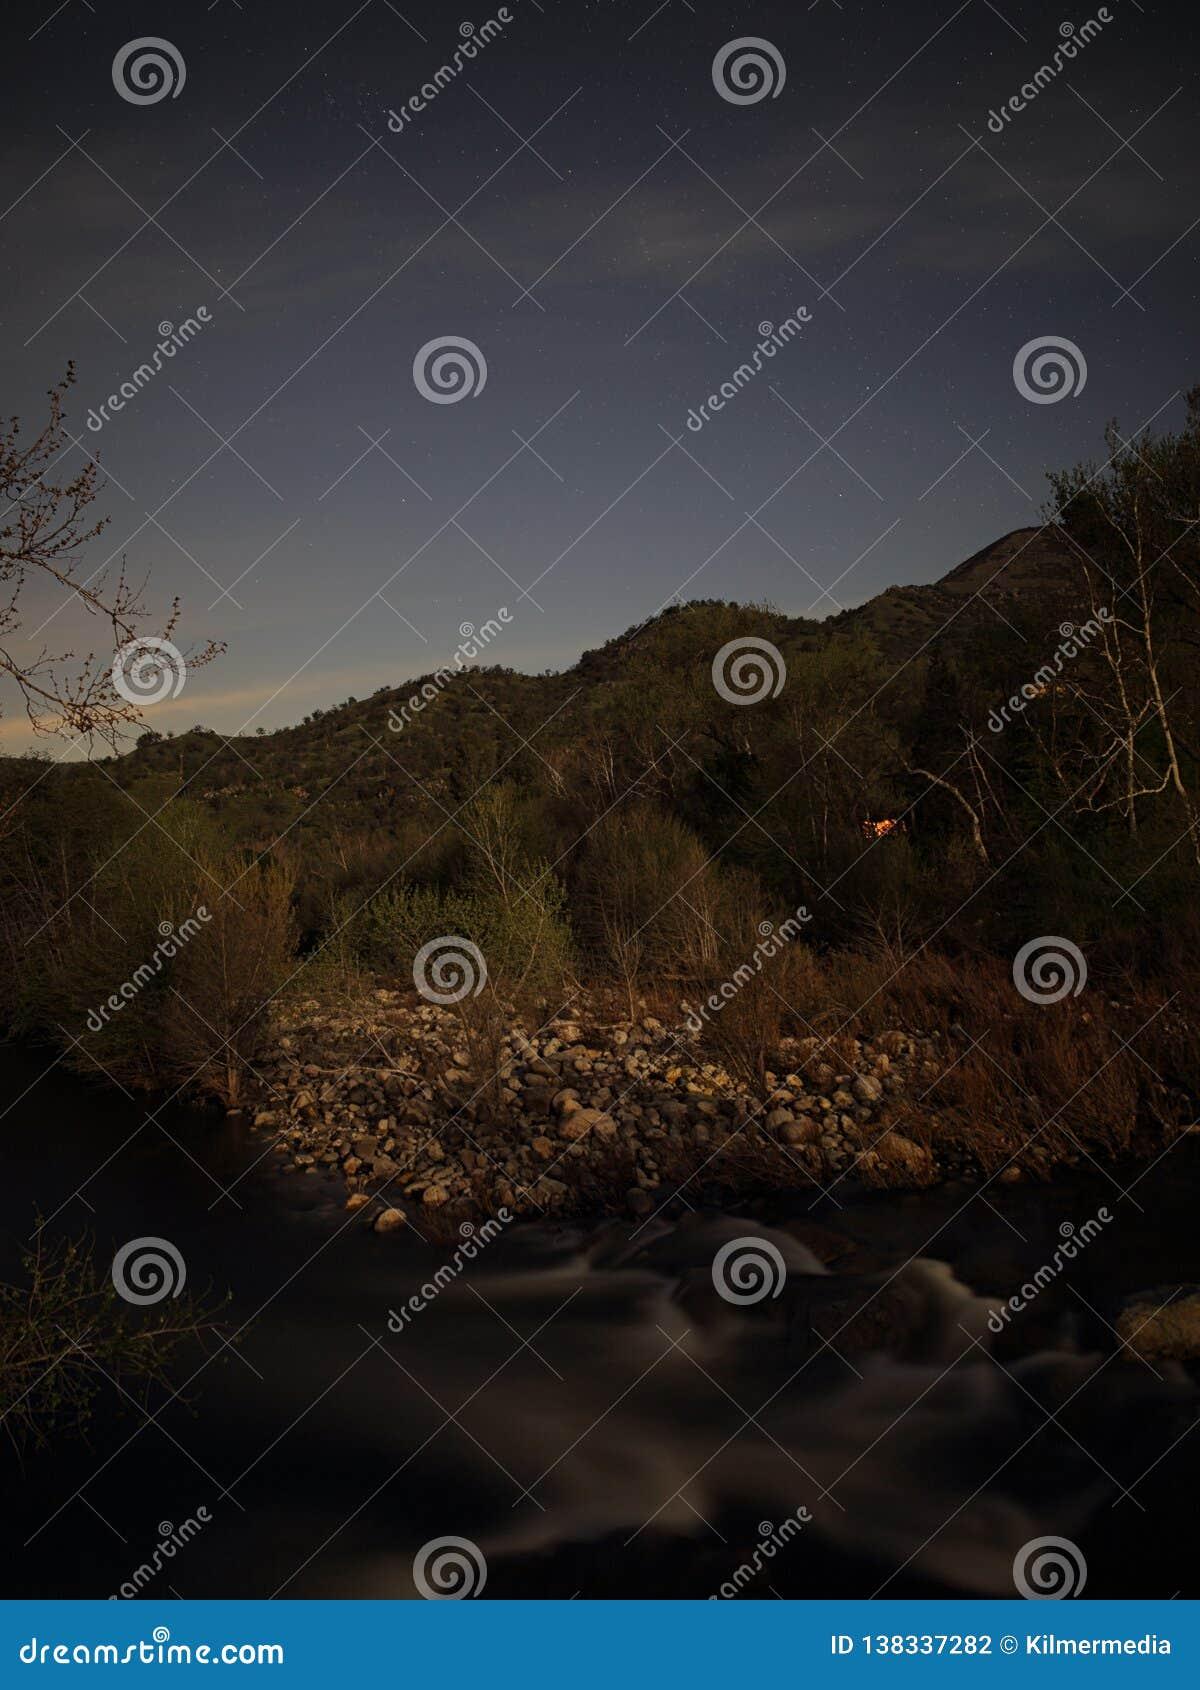 De vlotte Stroomversnelling van het Kreekwater onder een Sterrige Nachthemel in Groot in openlucht